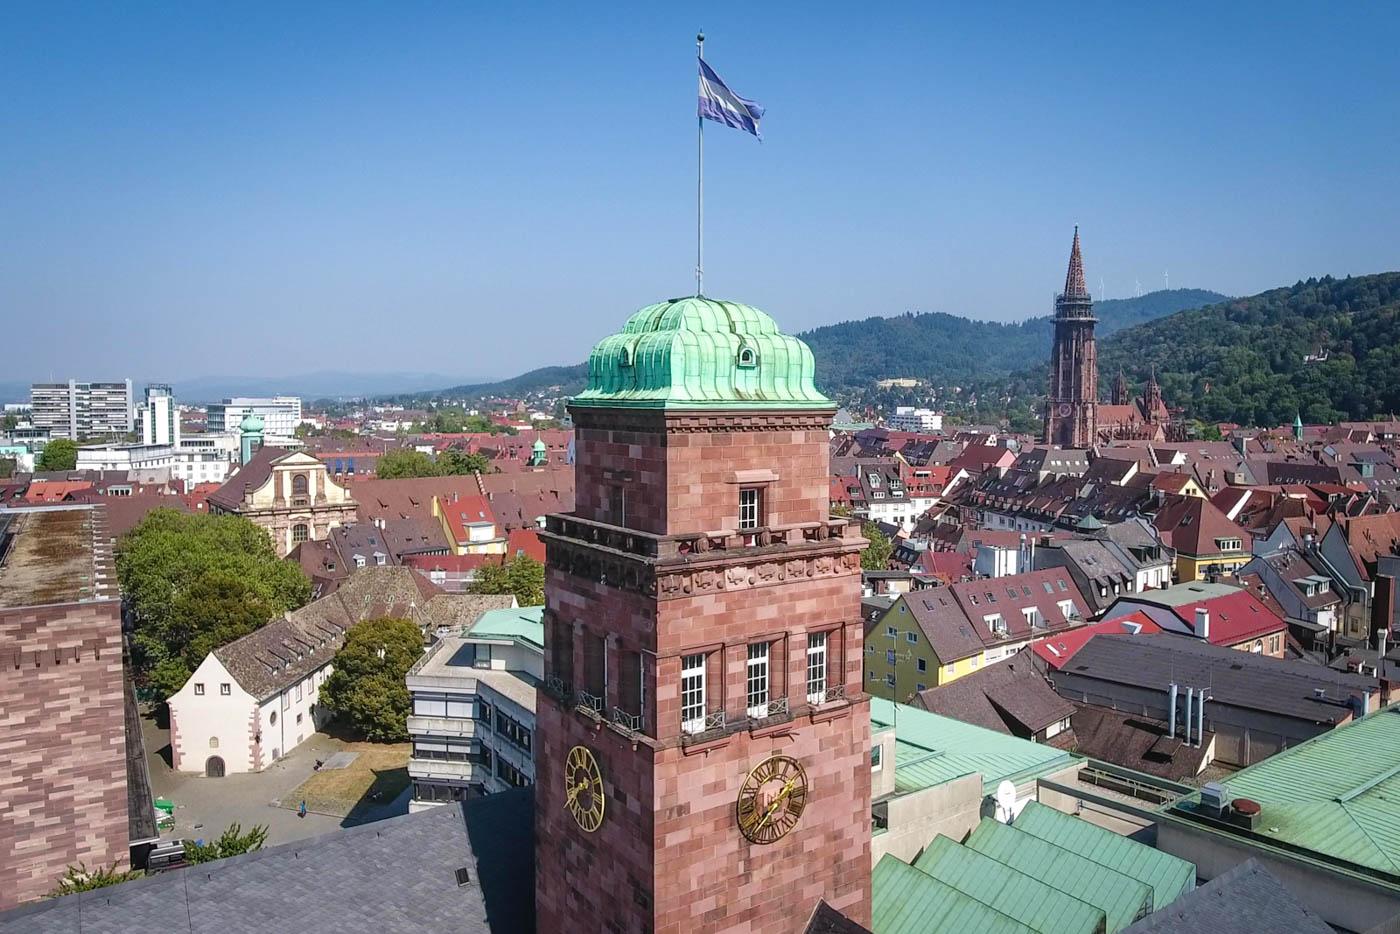 Turm des KGI mit Münster im Hintergrund